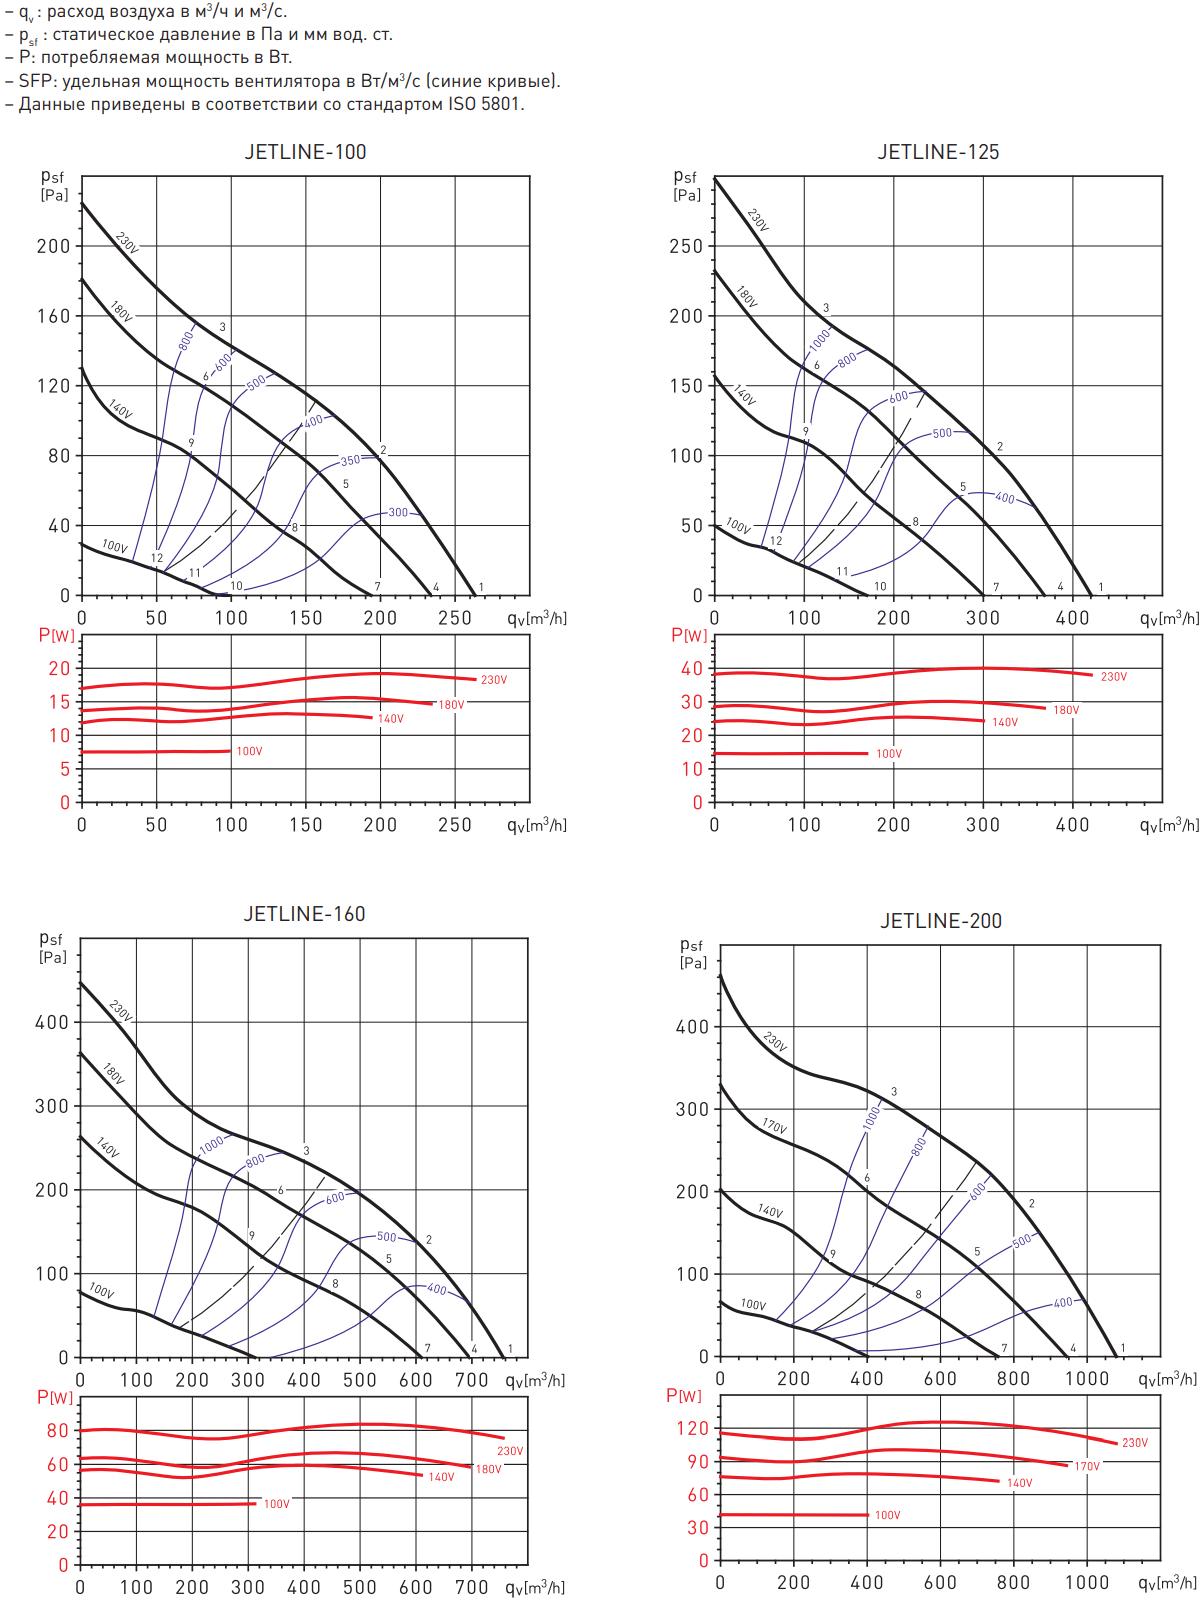 Канальный вентилятор Soler&Palau Jetline - Аэродинамические характеристики